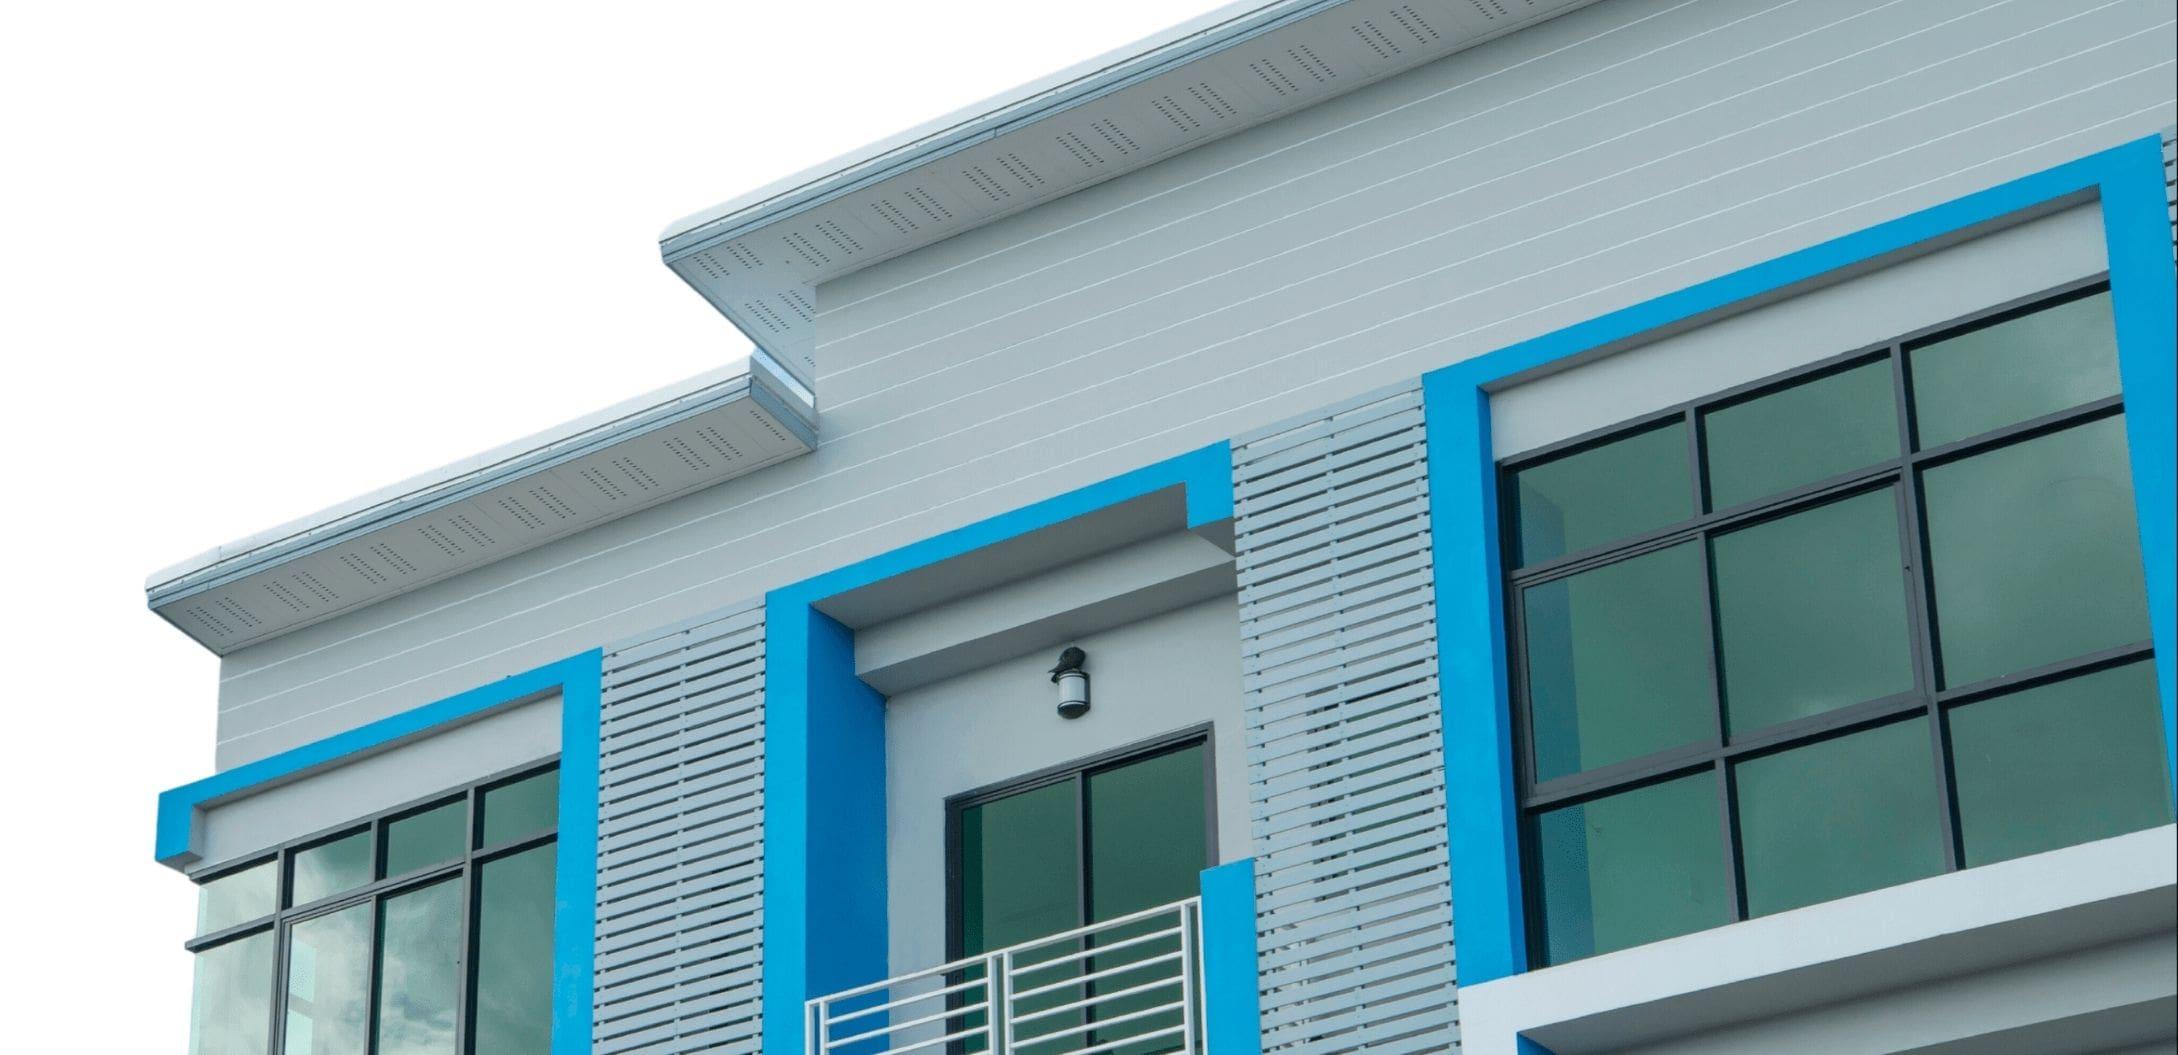 Вентиляция с фильтром в современных домах